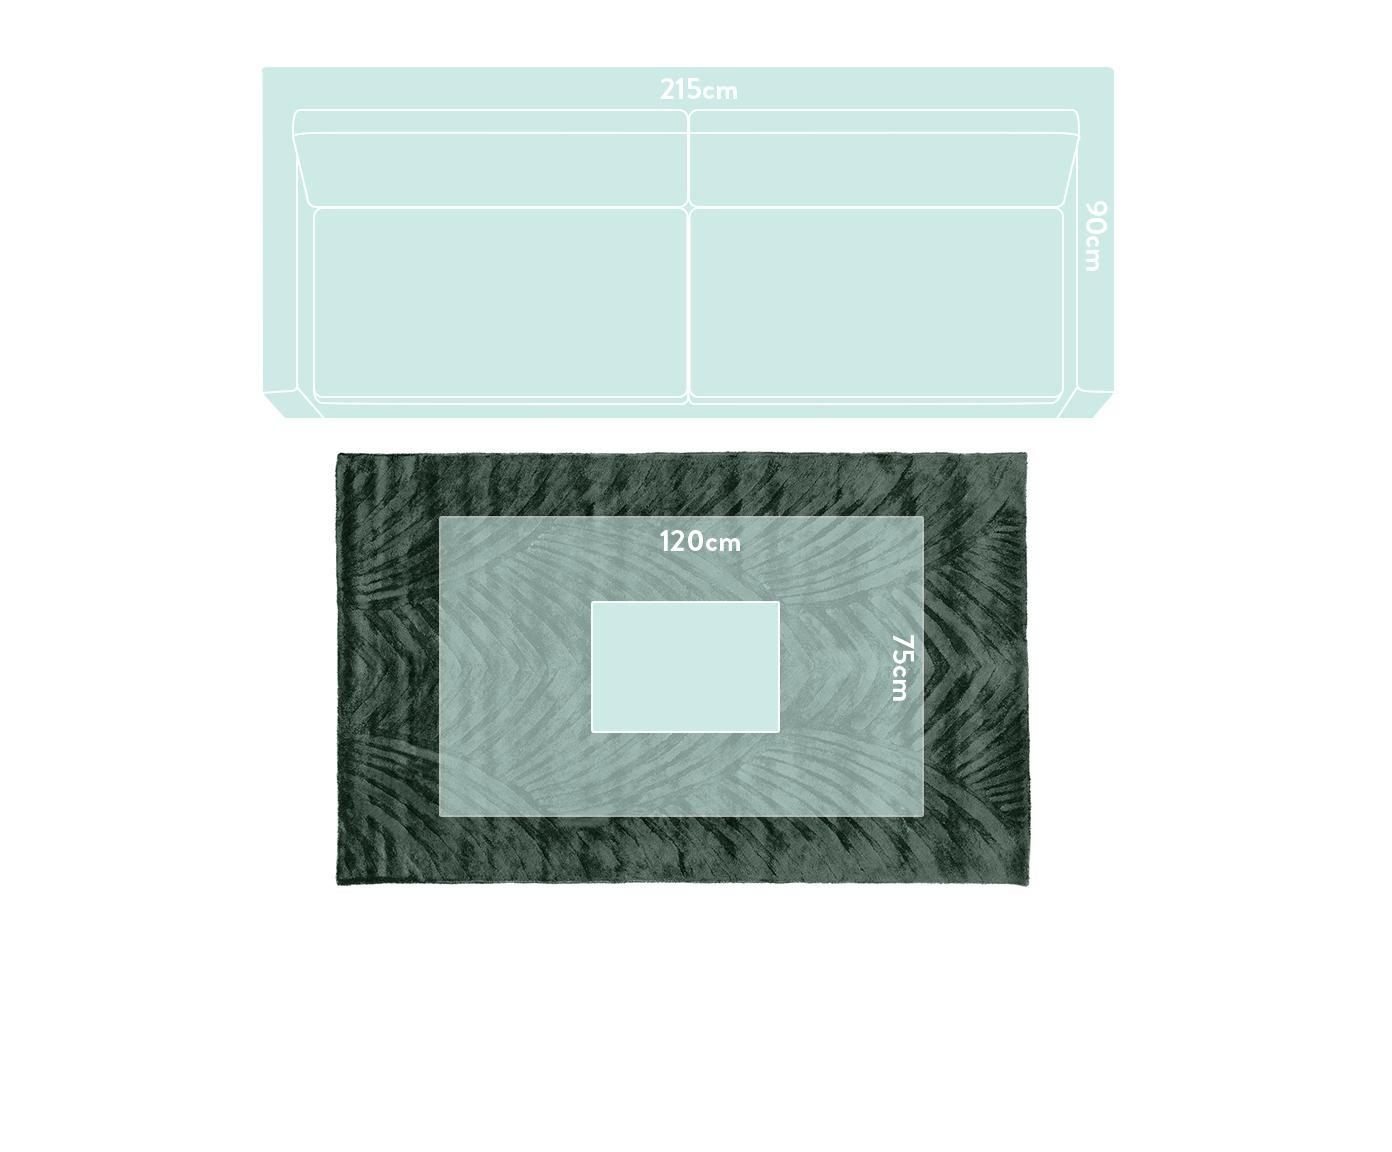 Tappeto in viscosa taftato a mano Bloom, Vello: 100% viscosa, Retro: 100% cotone, Verde scuro, Larg. 120 x Lung. 180 cm (taglia S)